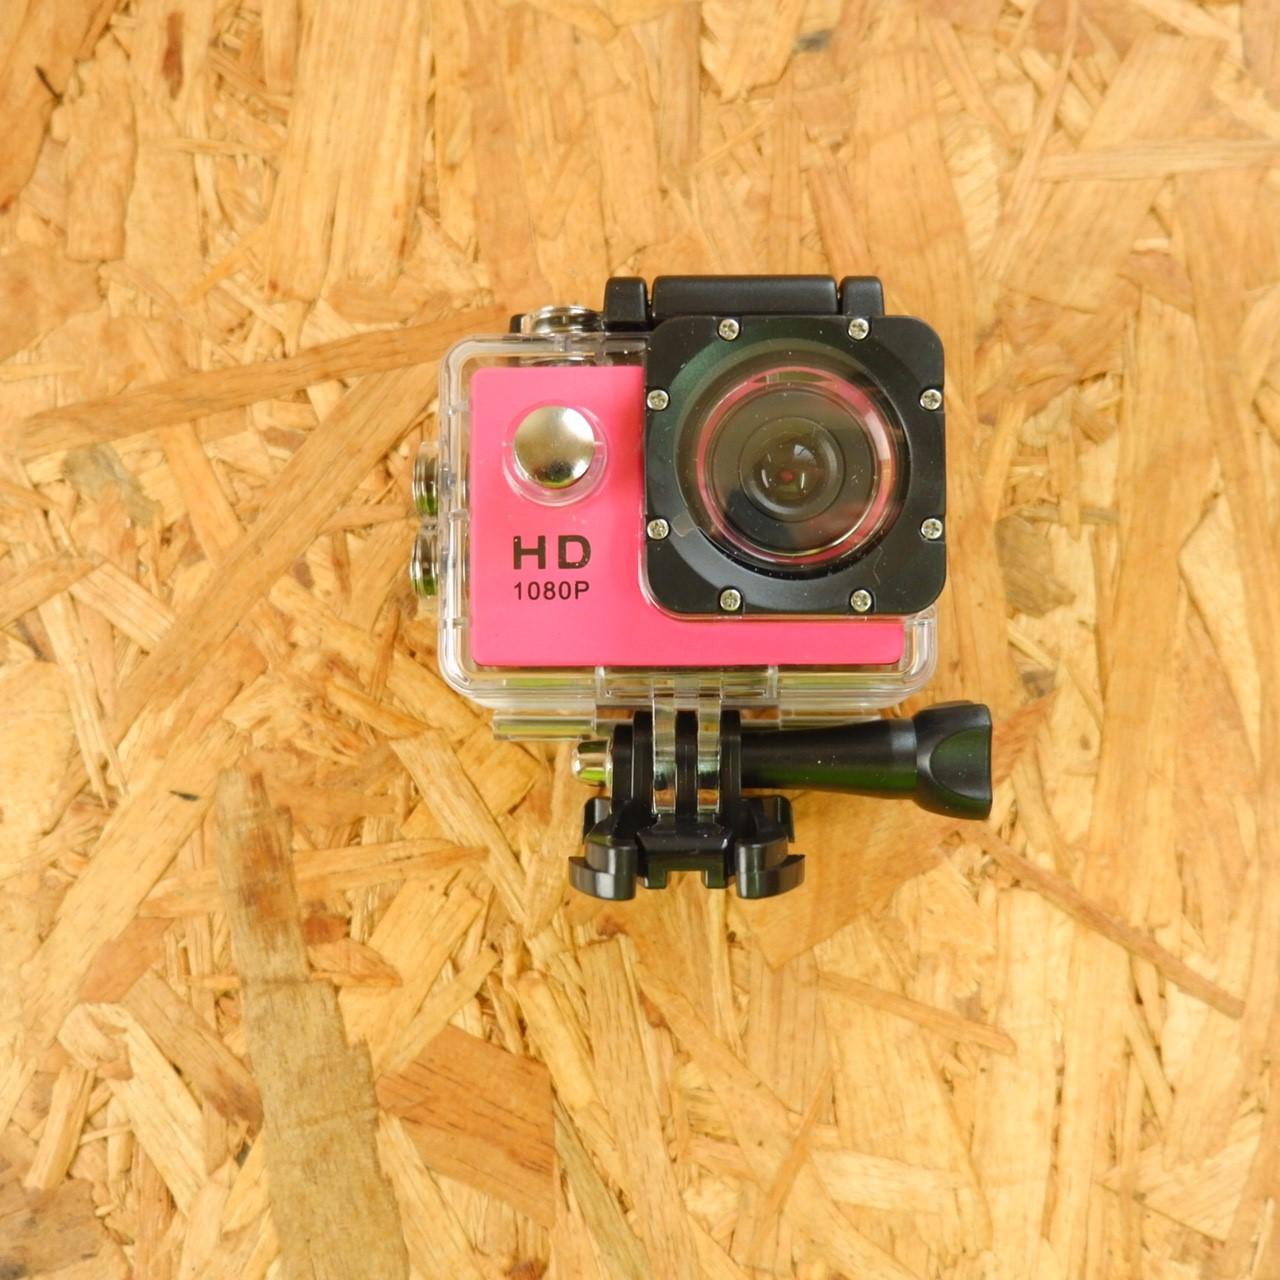 กล้องกันน้ำ Sports Cam Full HD 1080p (ของแถมเยอะ)